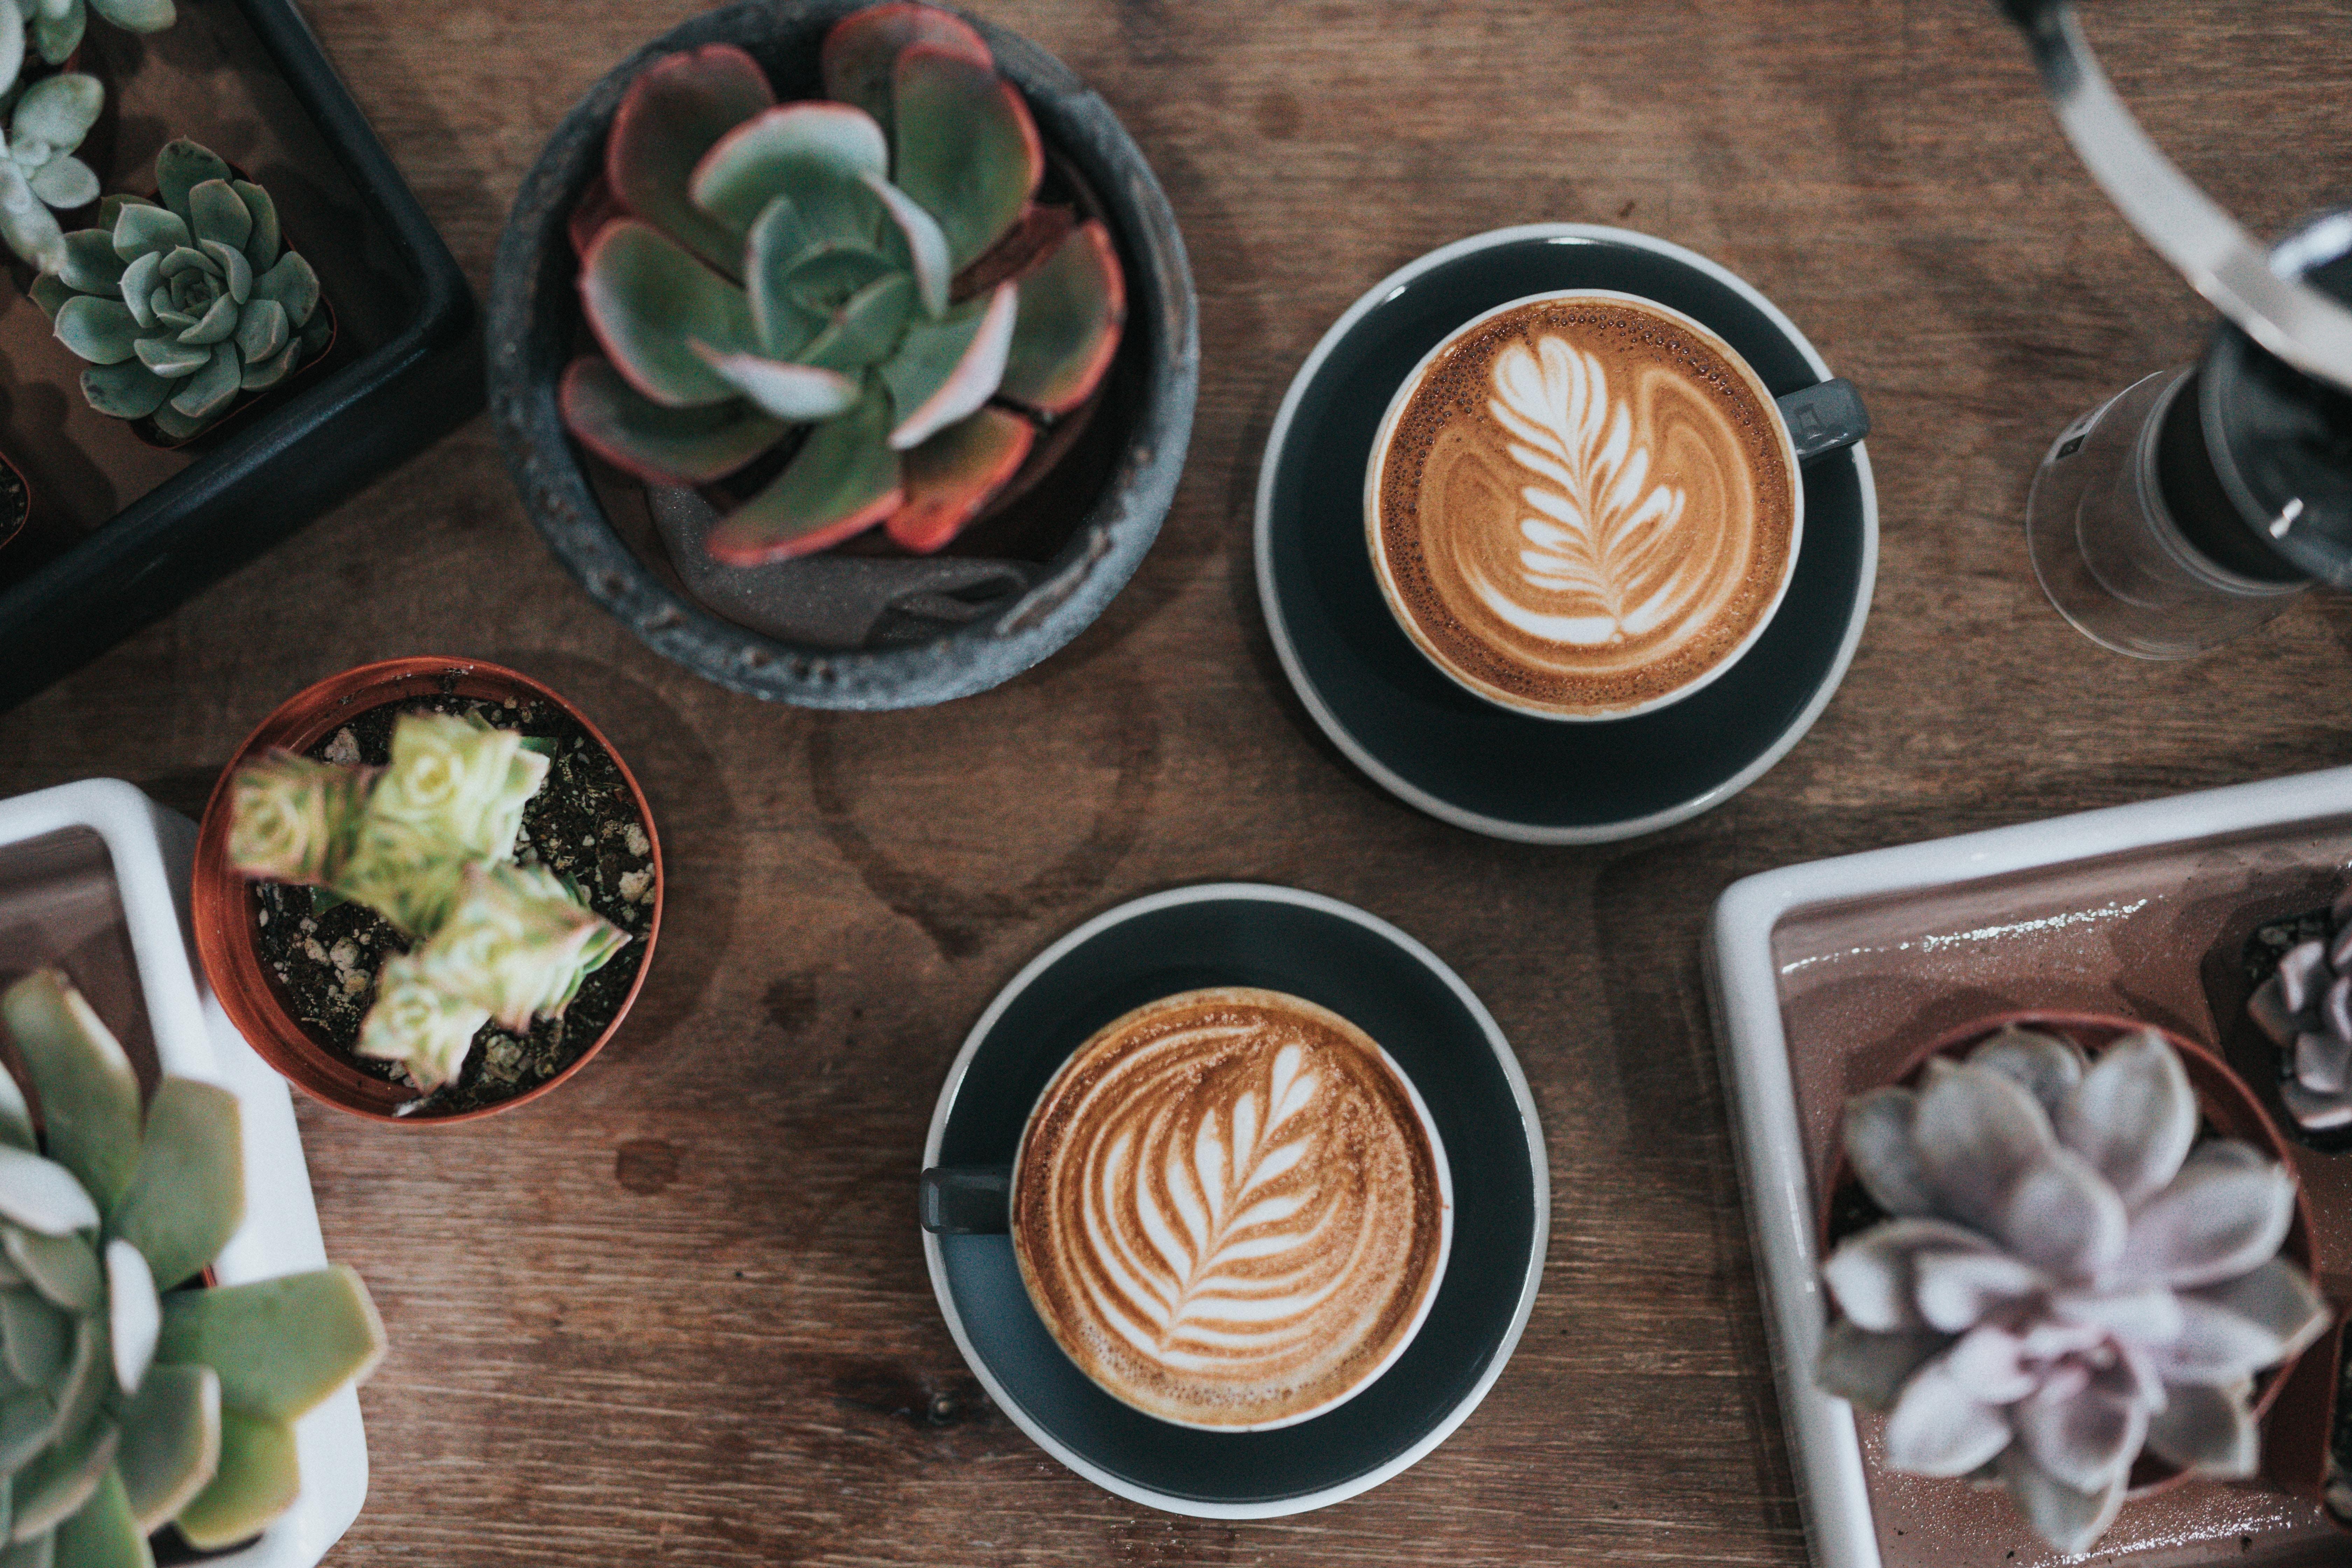 Dante Coffee(丹堤咖啡)台湾の人気コーヒーチェーンを調査!